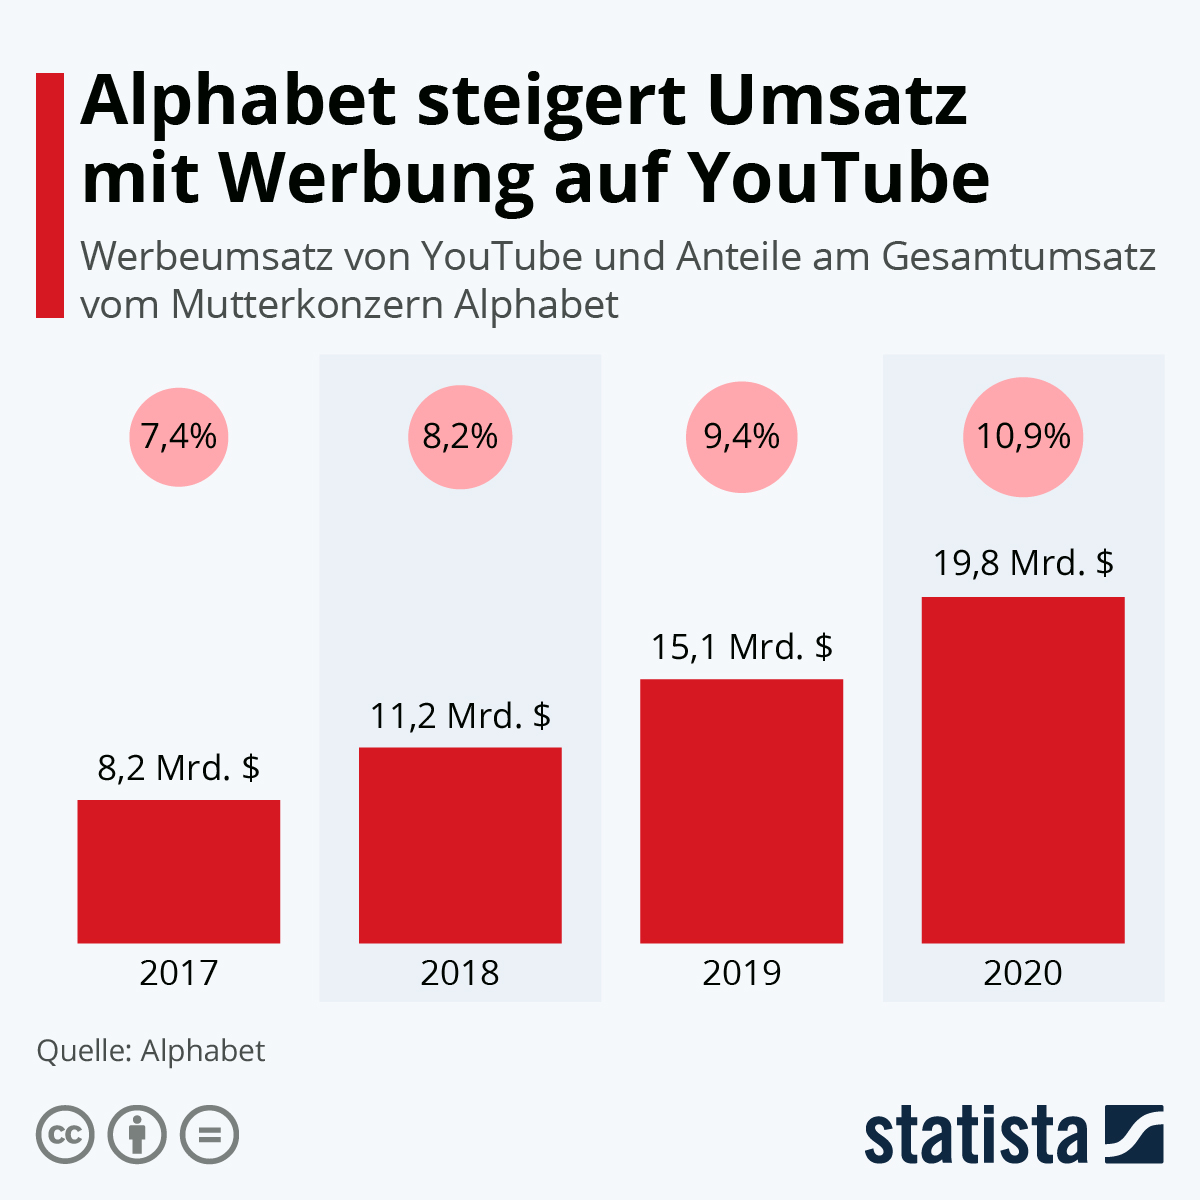 Alphabet steigert Umsatz mit Werbung auf Youtube